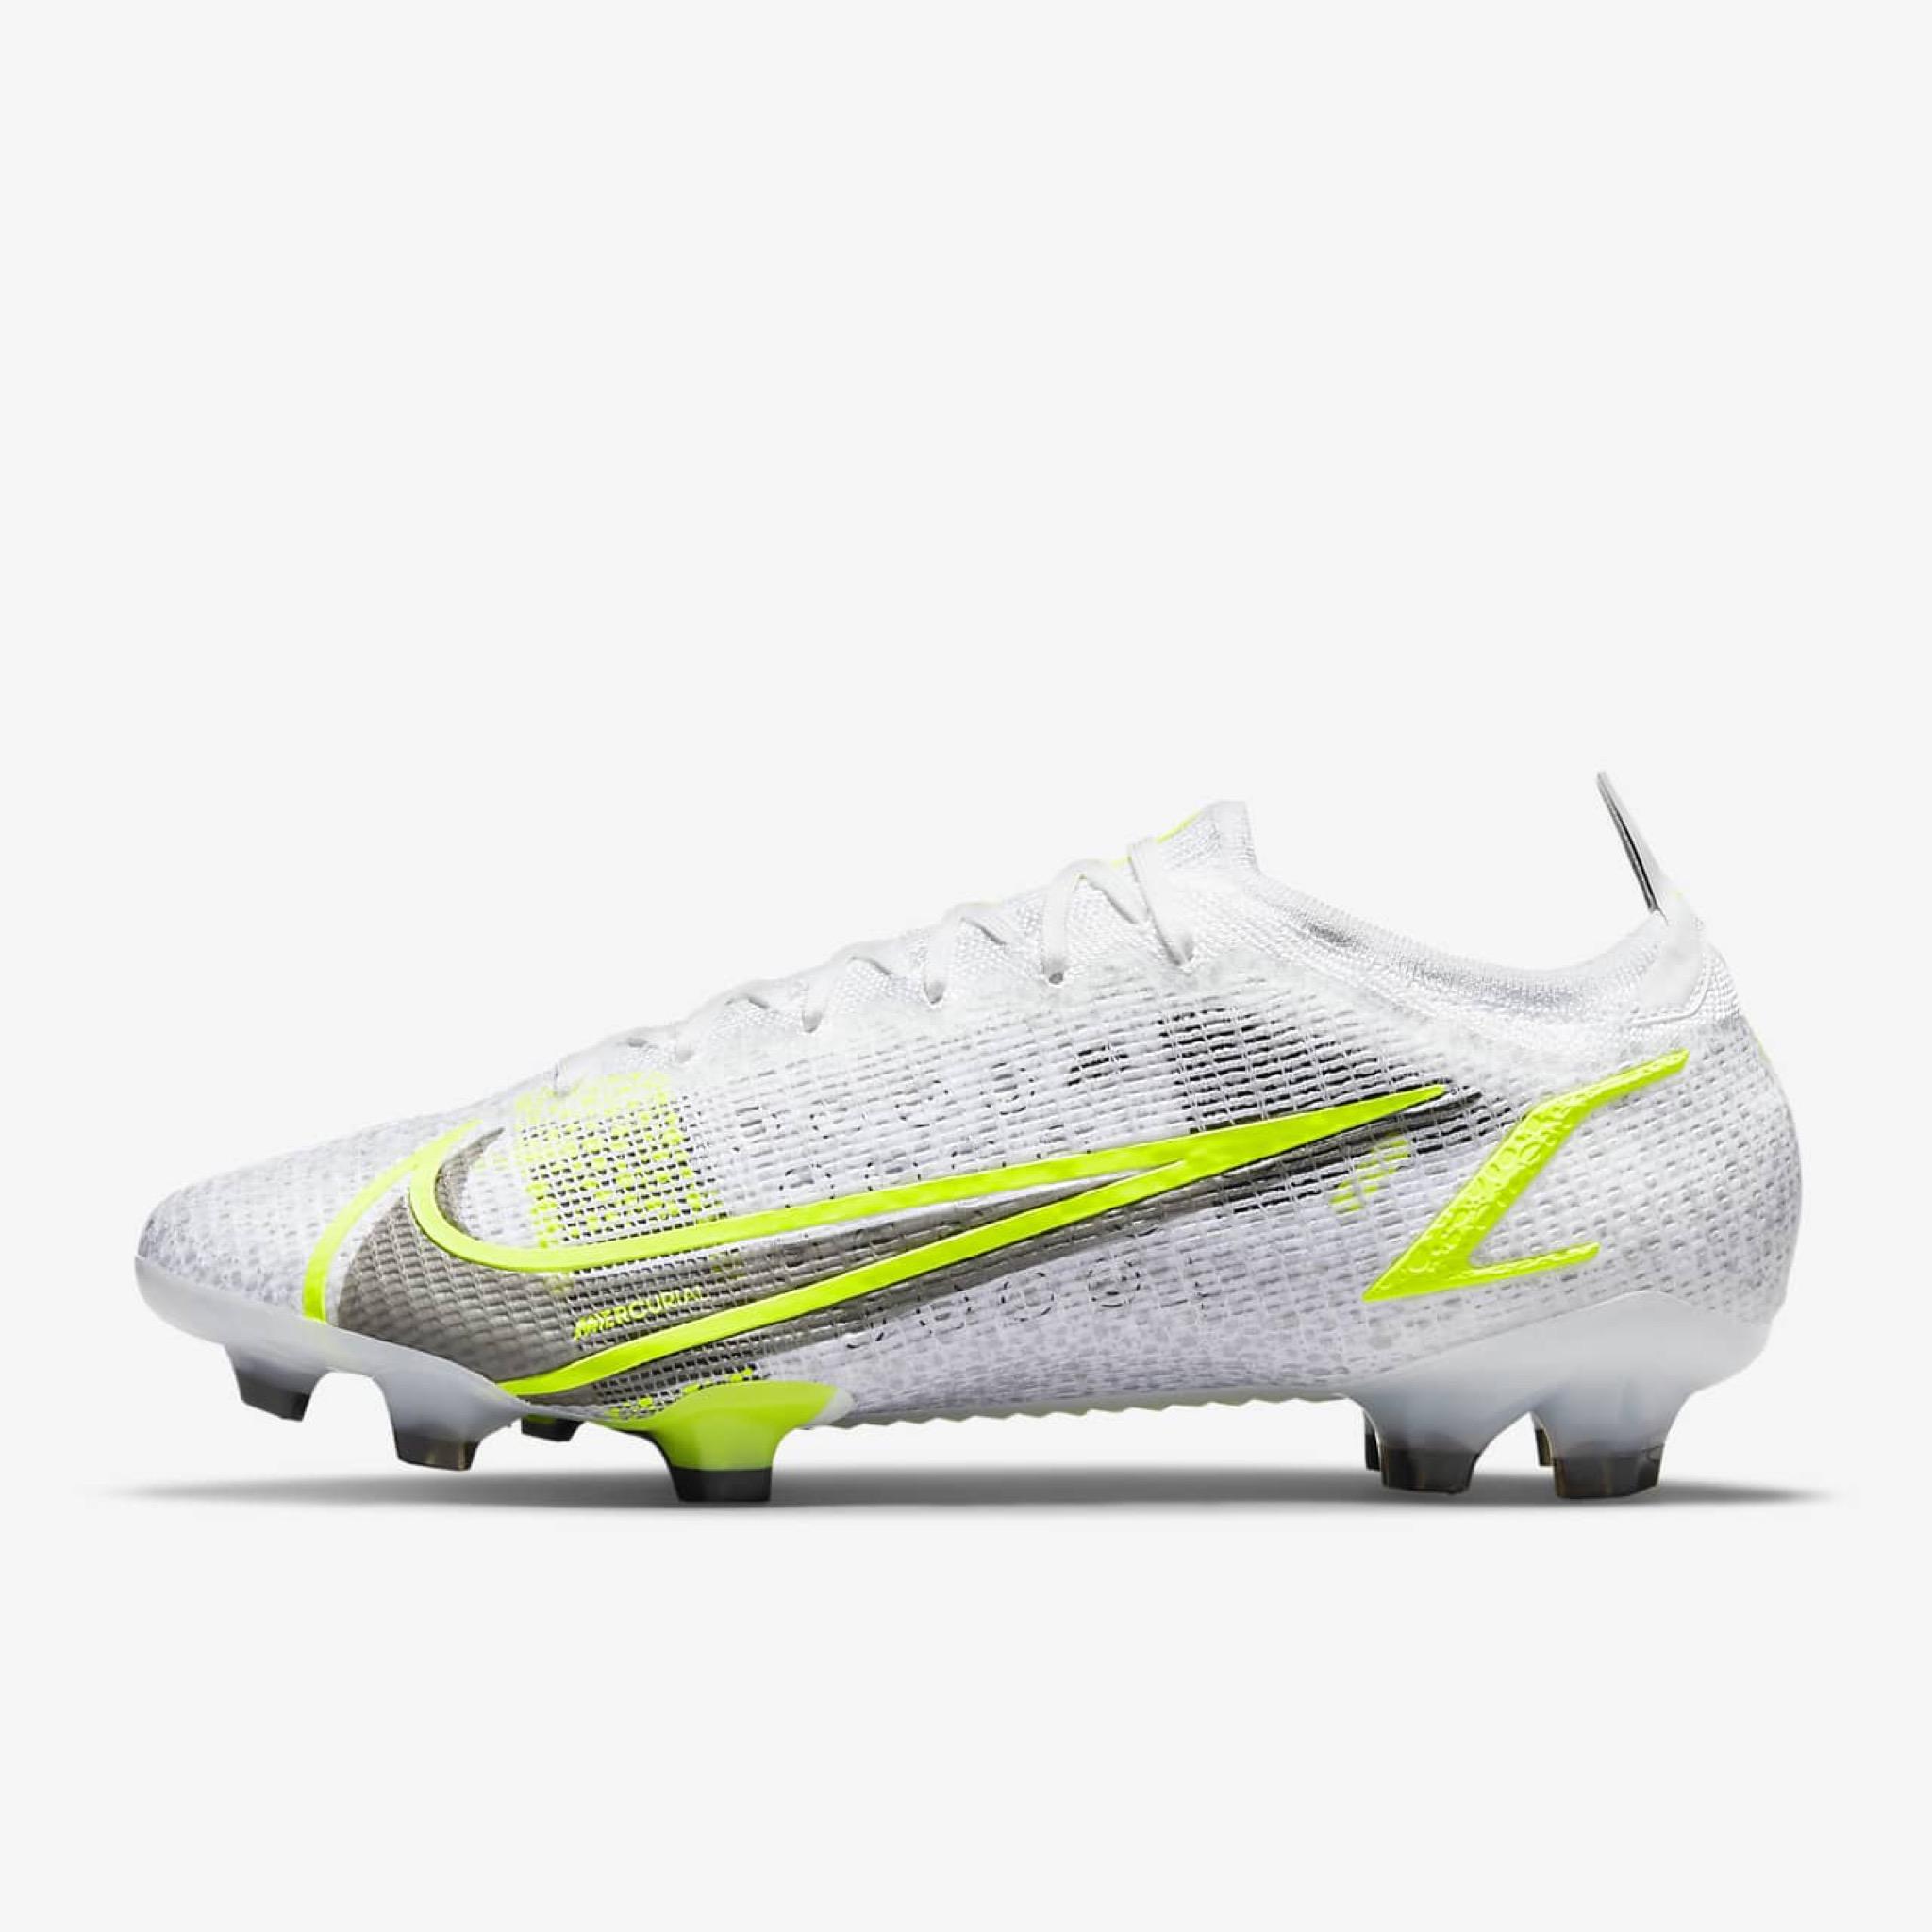 کفش فوتبال مردانه نایکی مدل Mercurial Vapor 14 Elite FG